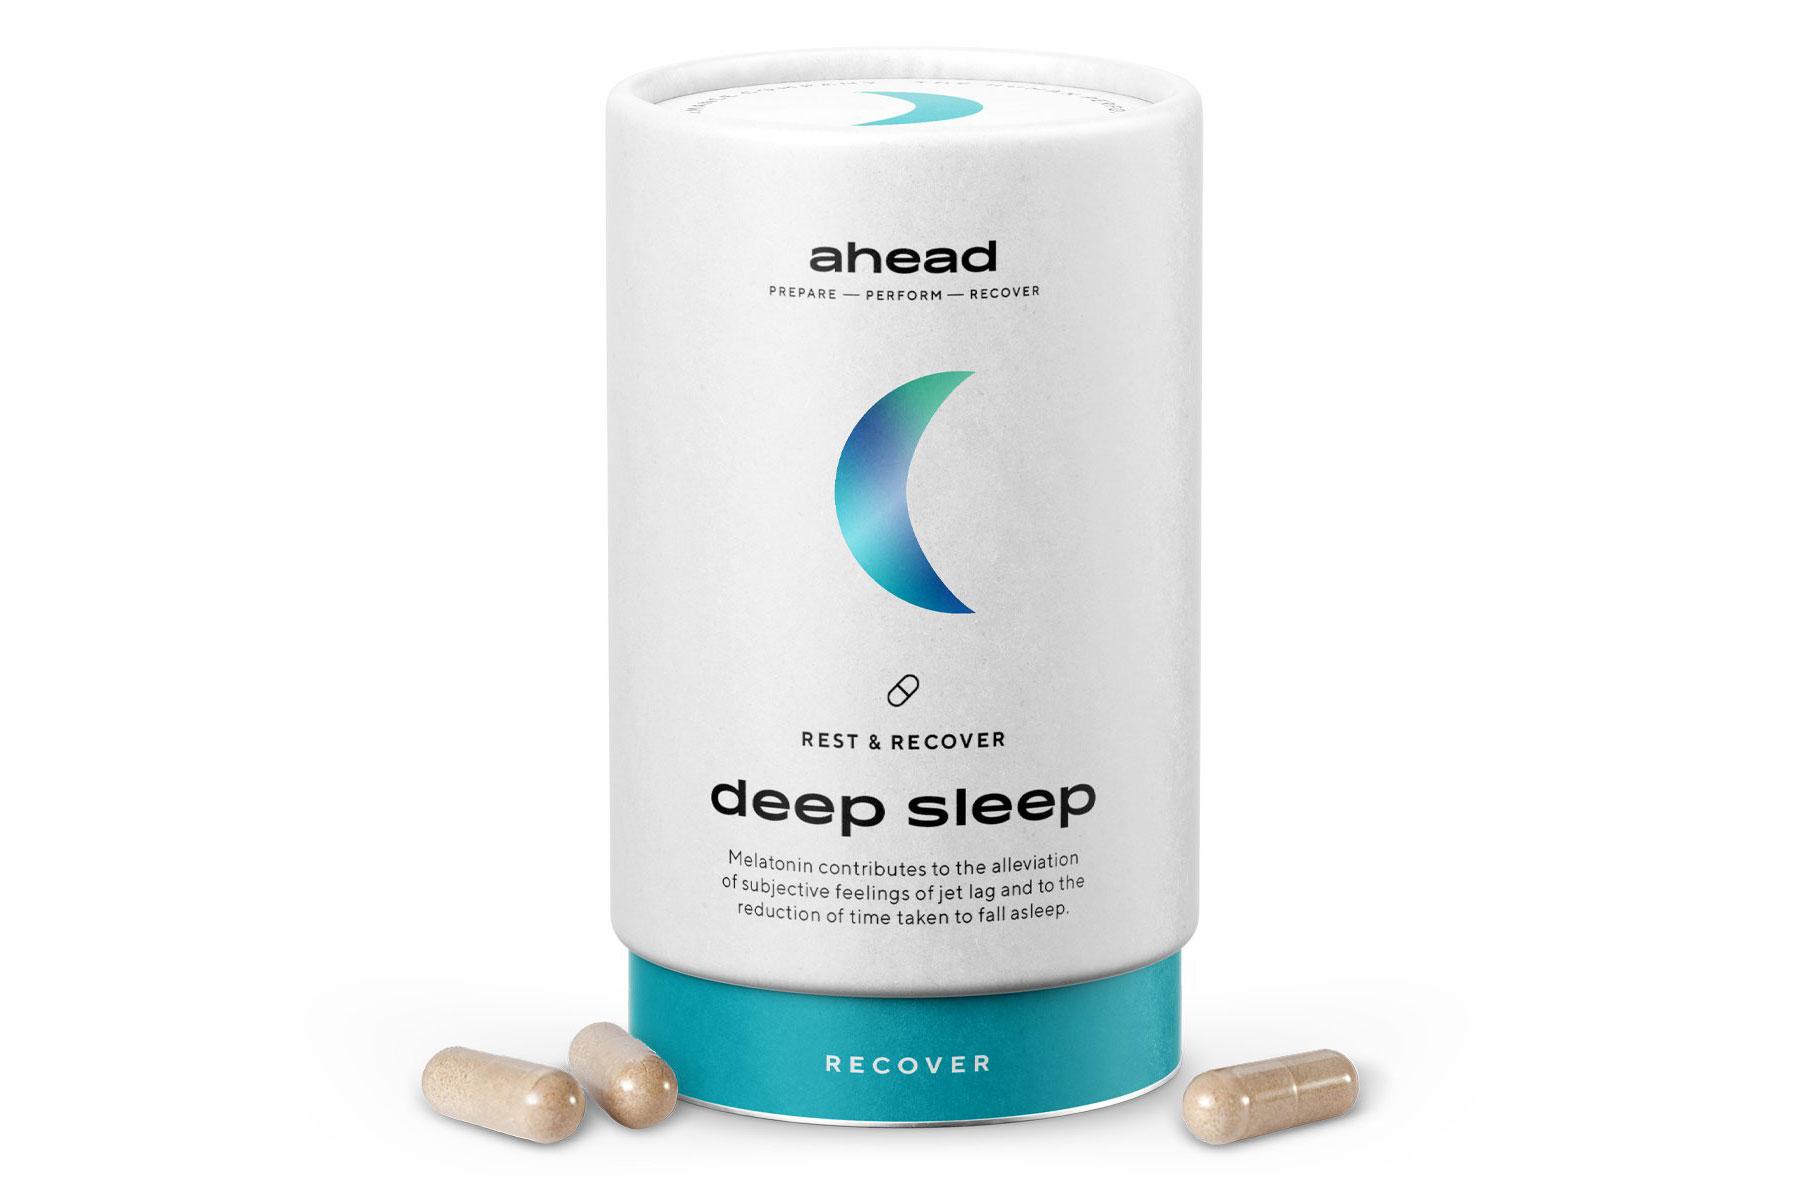 Die clevere Einschlafhilfe mit Melatonin